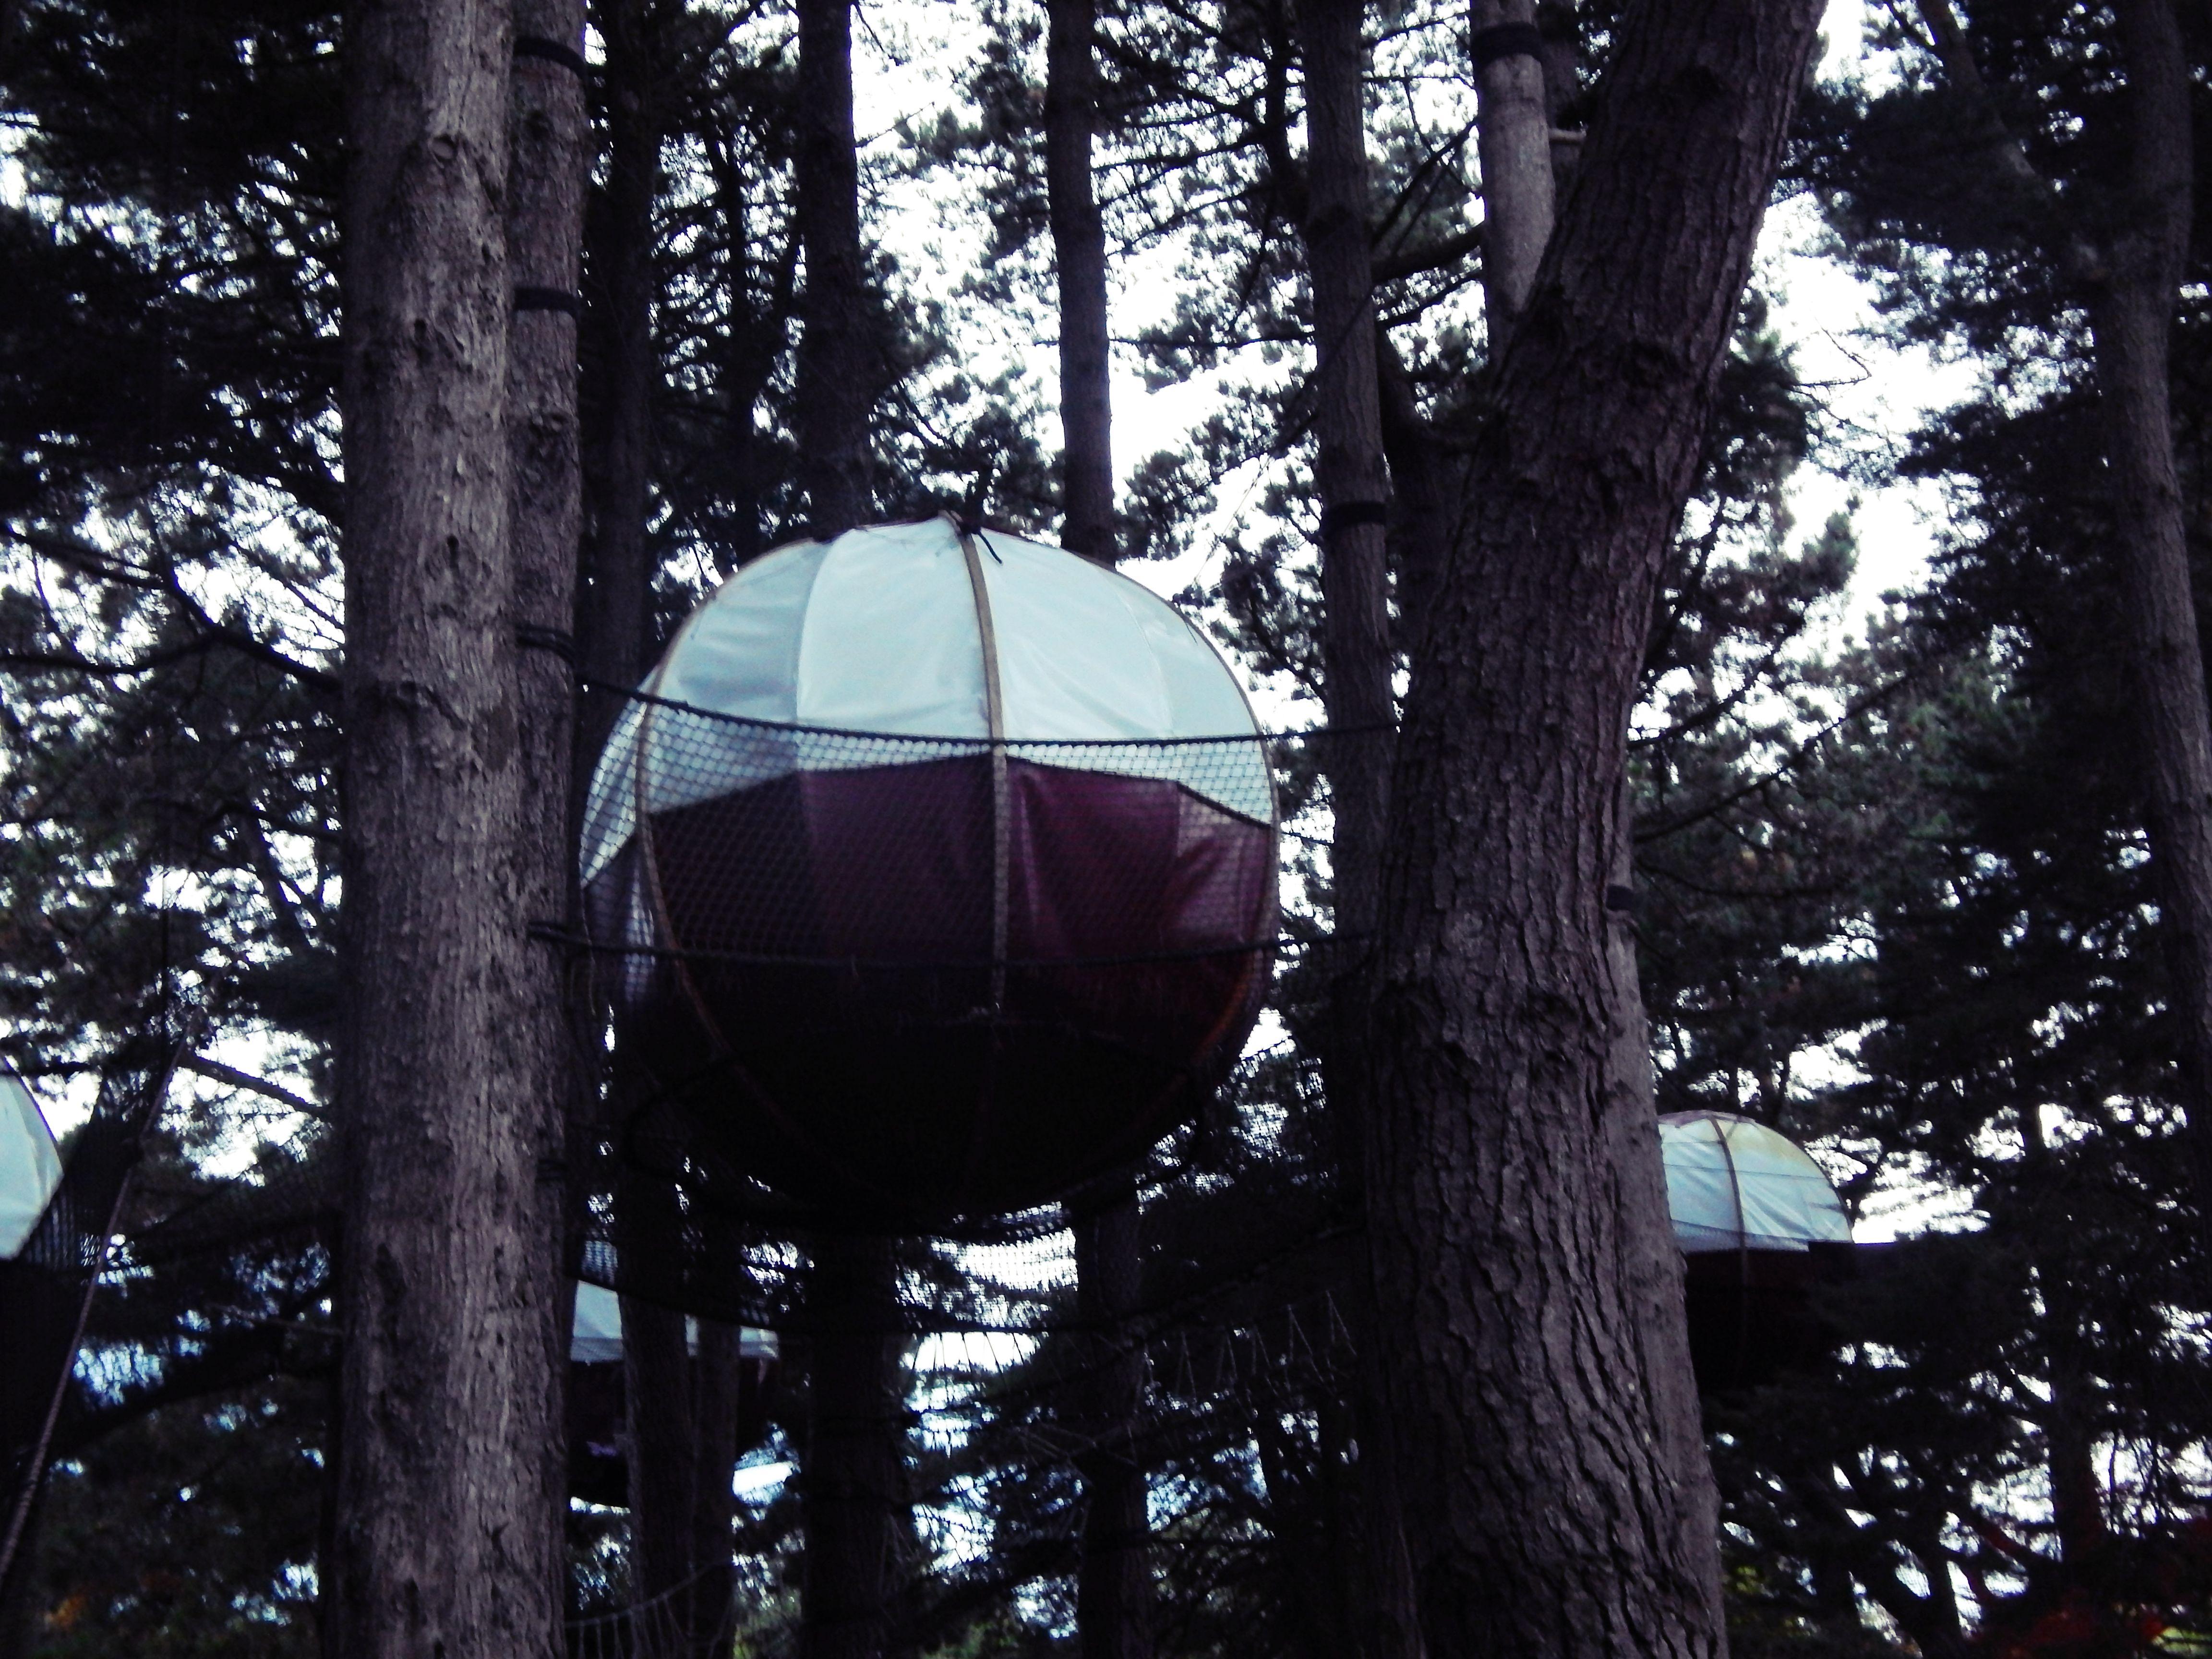 Une nuit dans une nid'île perché dans les arbres